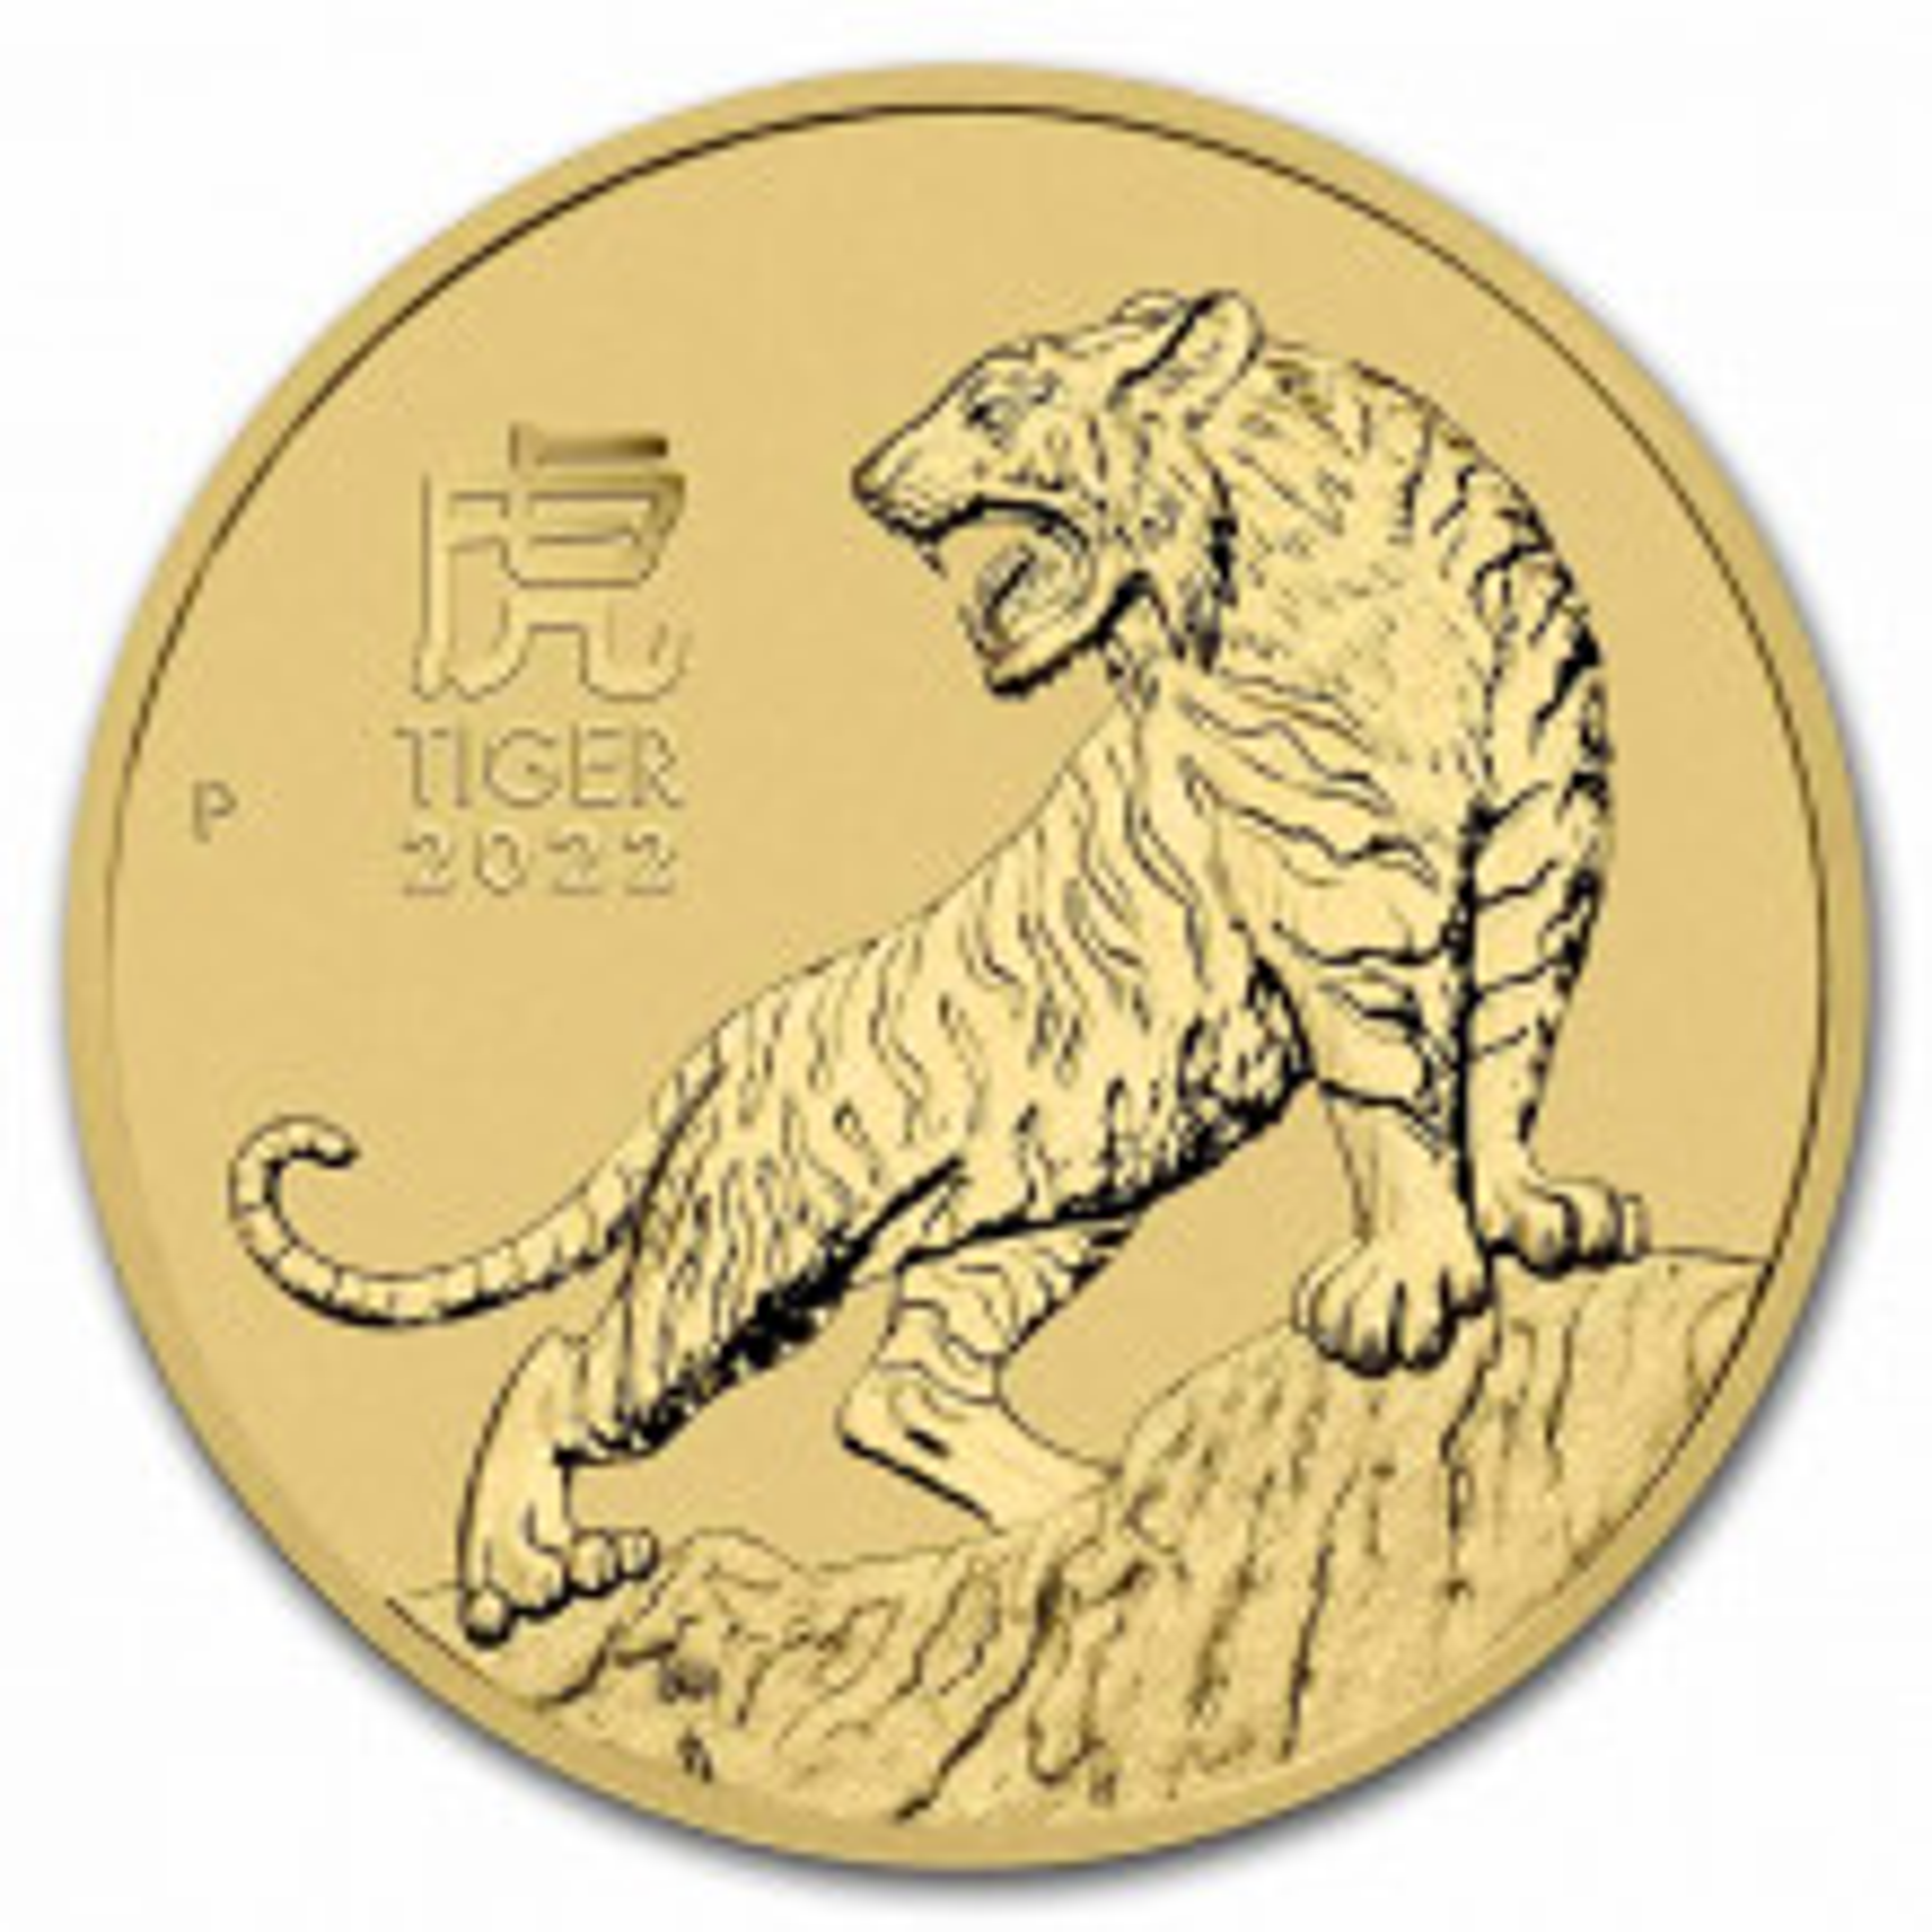 1/2 Troy ounce gold coin Lunar 2022